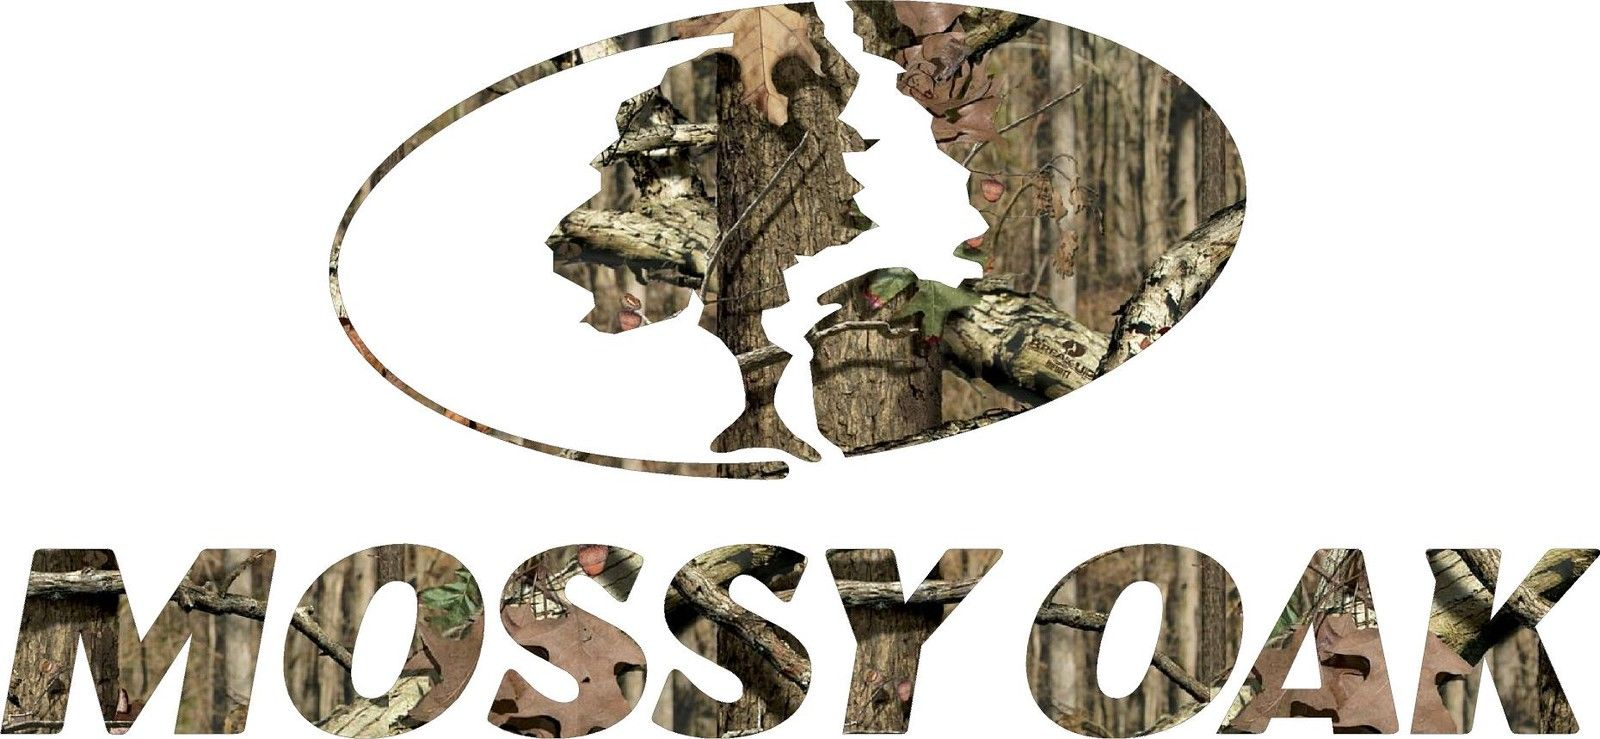 Mossy Oak Breakup Camo Wallpaper Mossy Oak Wallpaper fo...